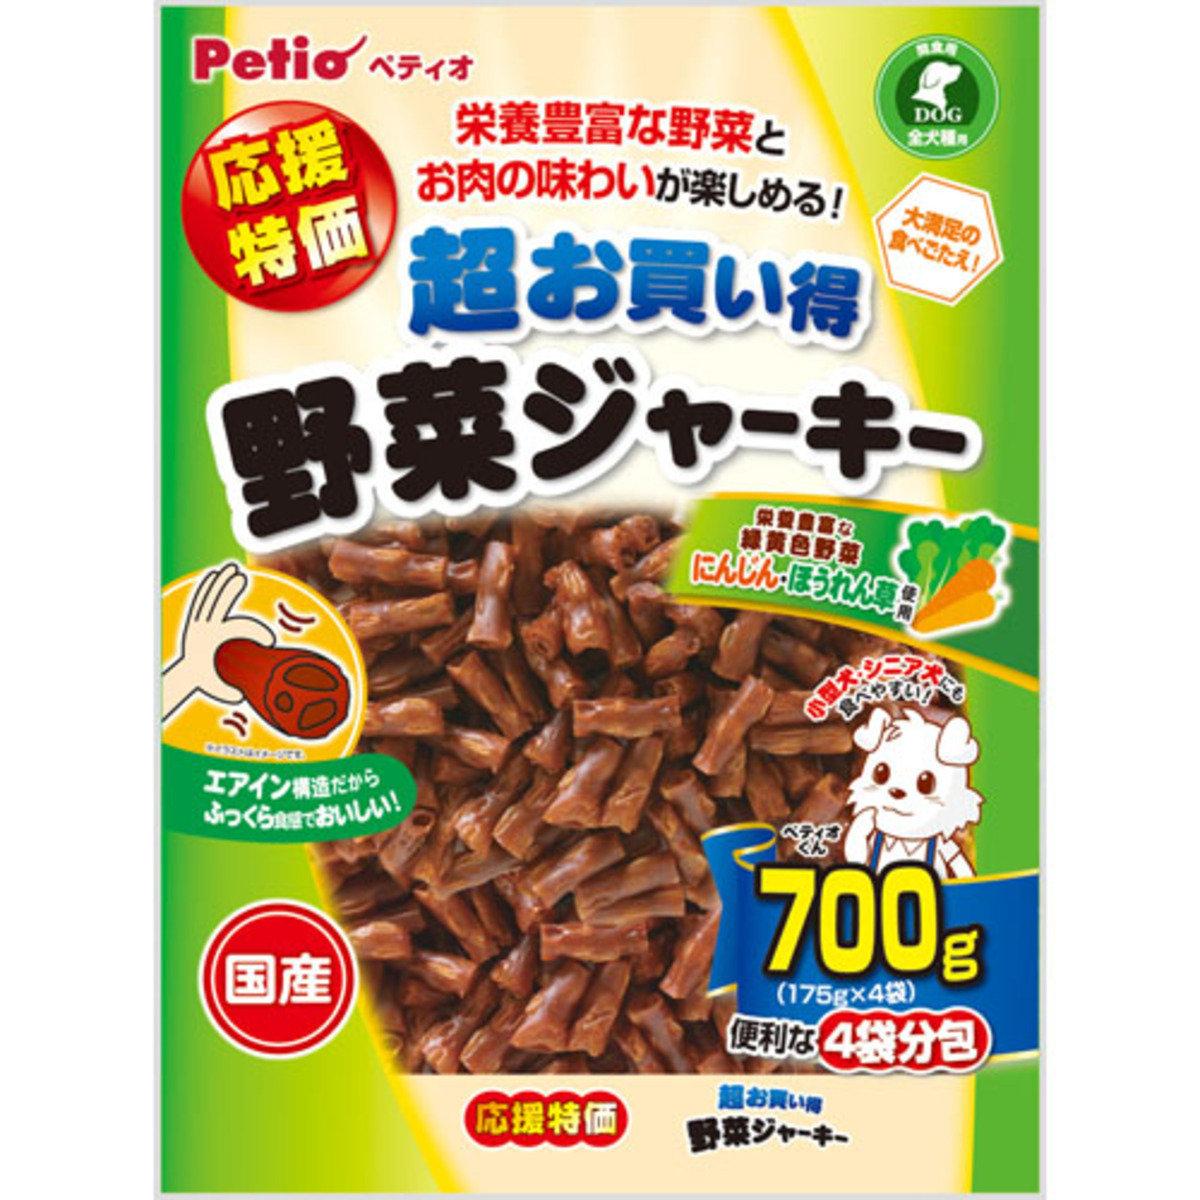 狗小食蔬菜粒 (超值裝)(W12507)(到期日:31/01/2017)